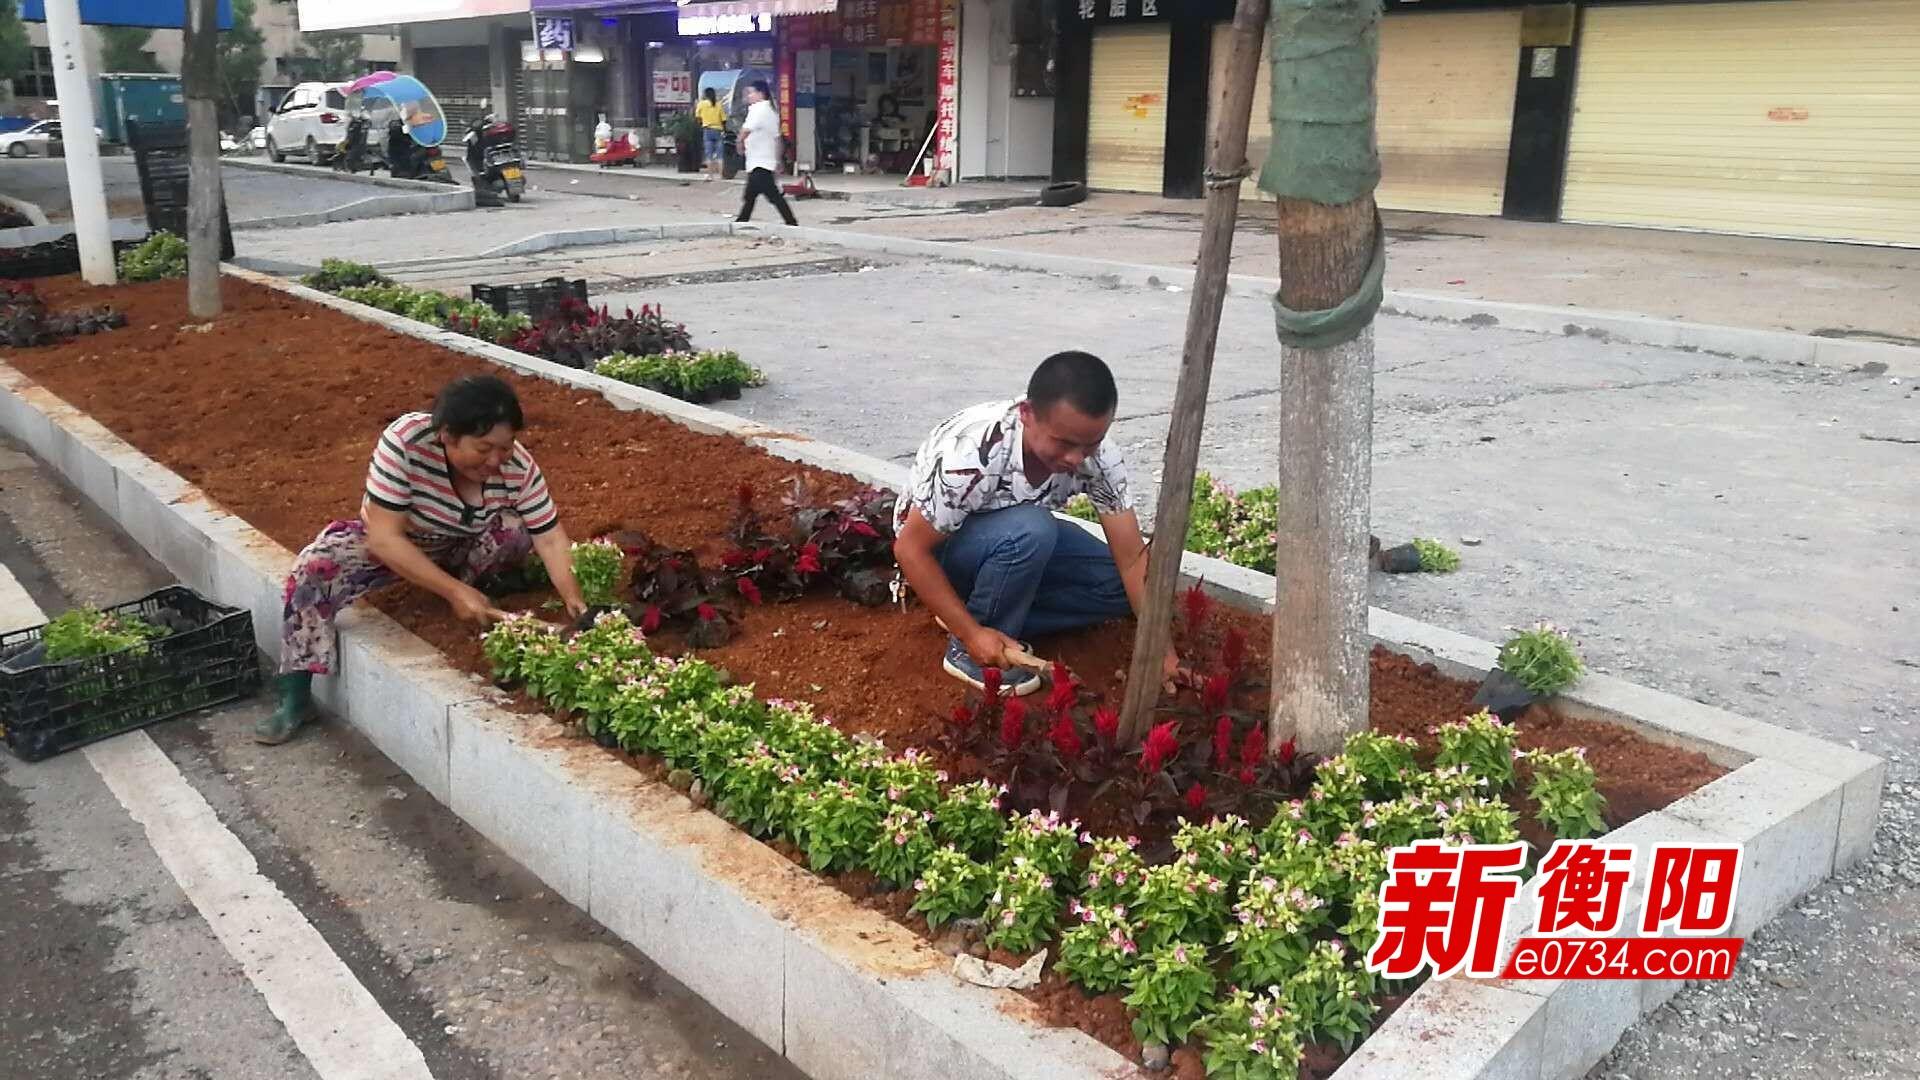 衡阳市园林局加班加点对城区公共绿地进行美化